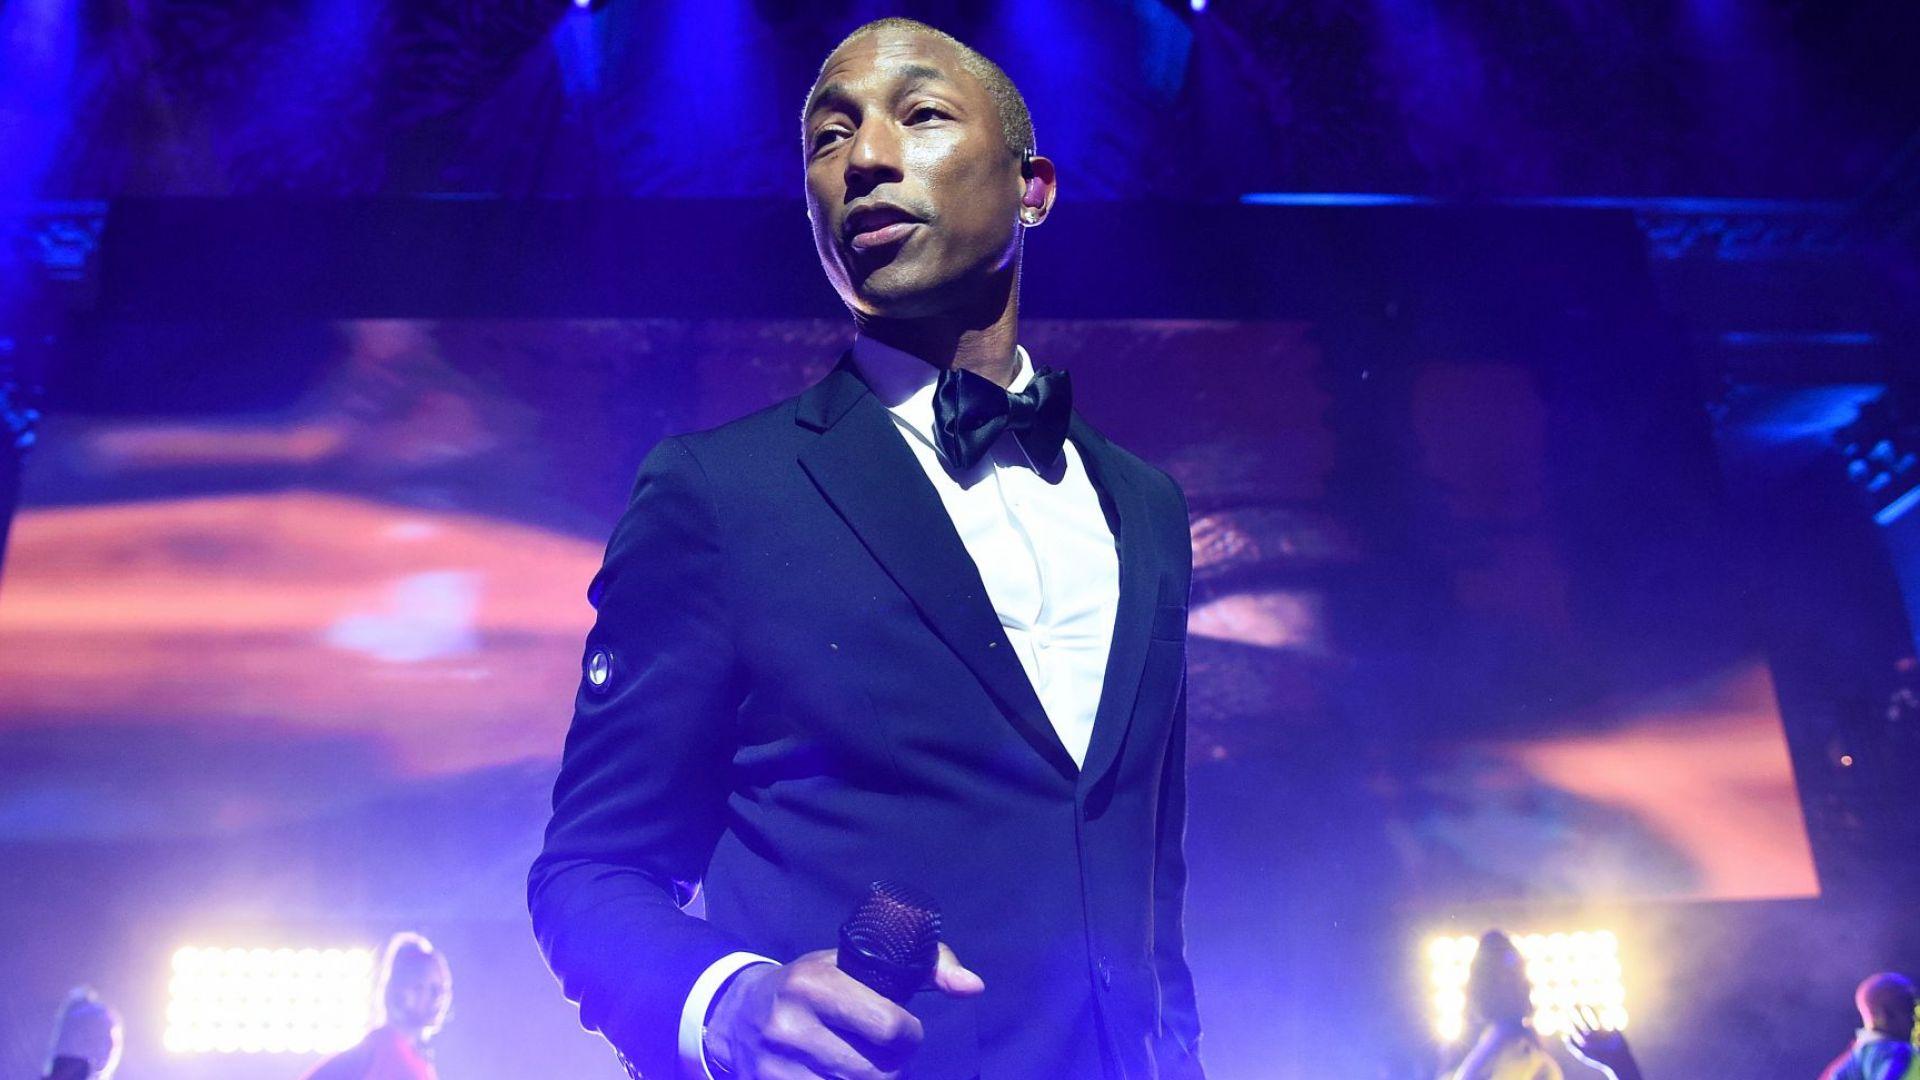 Фарел Уилямс оглави класацията за най-излъчвани песни във Великобритания през предишното десетилетие